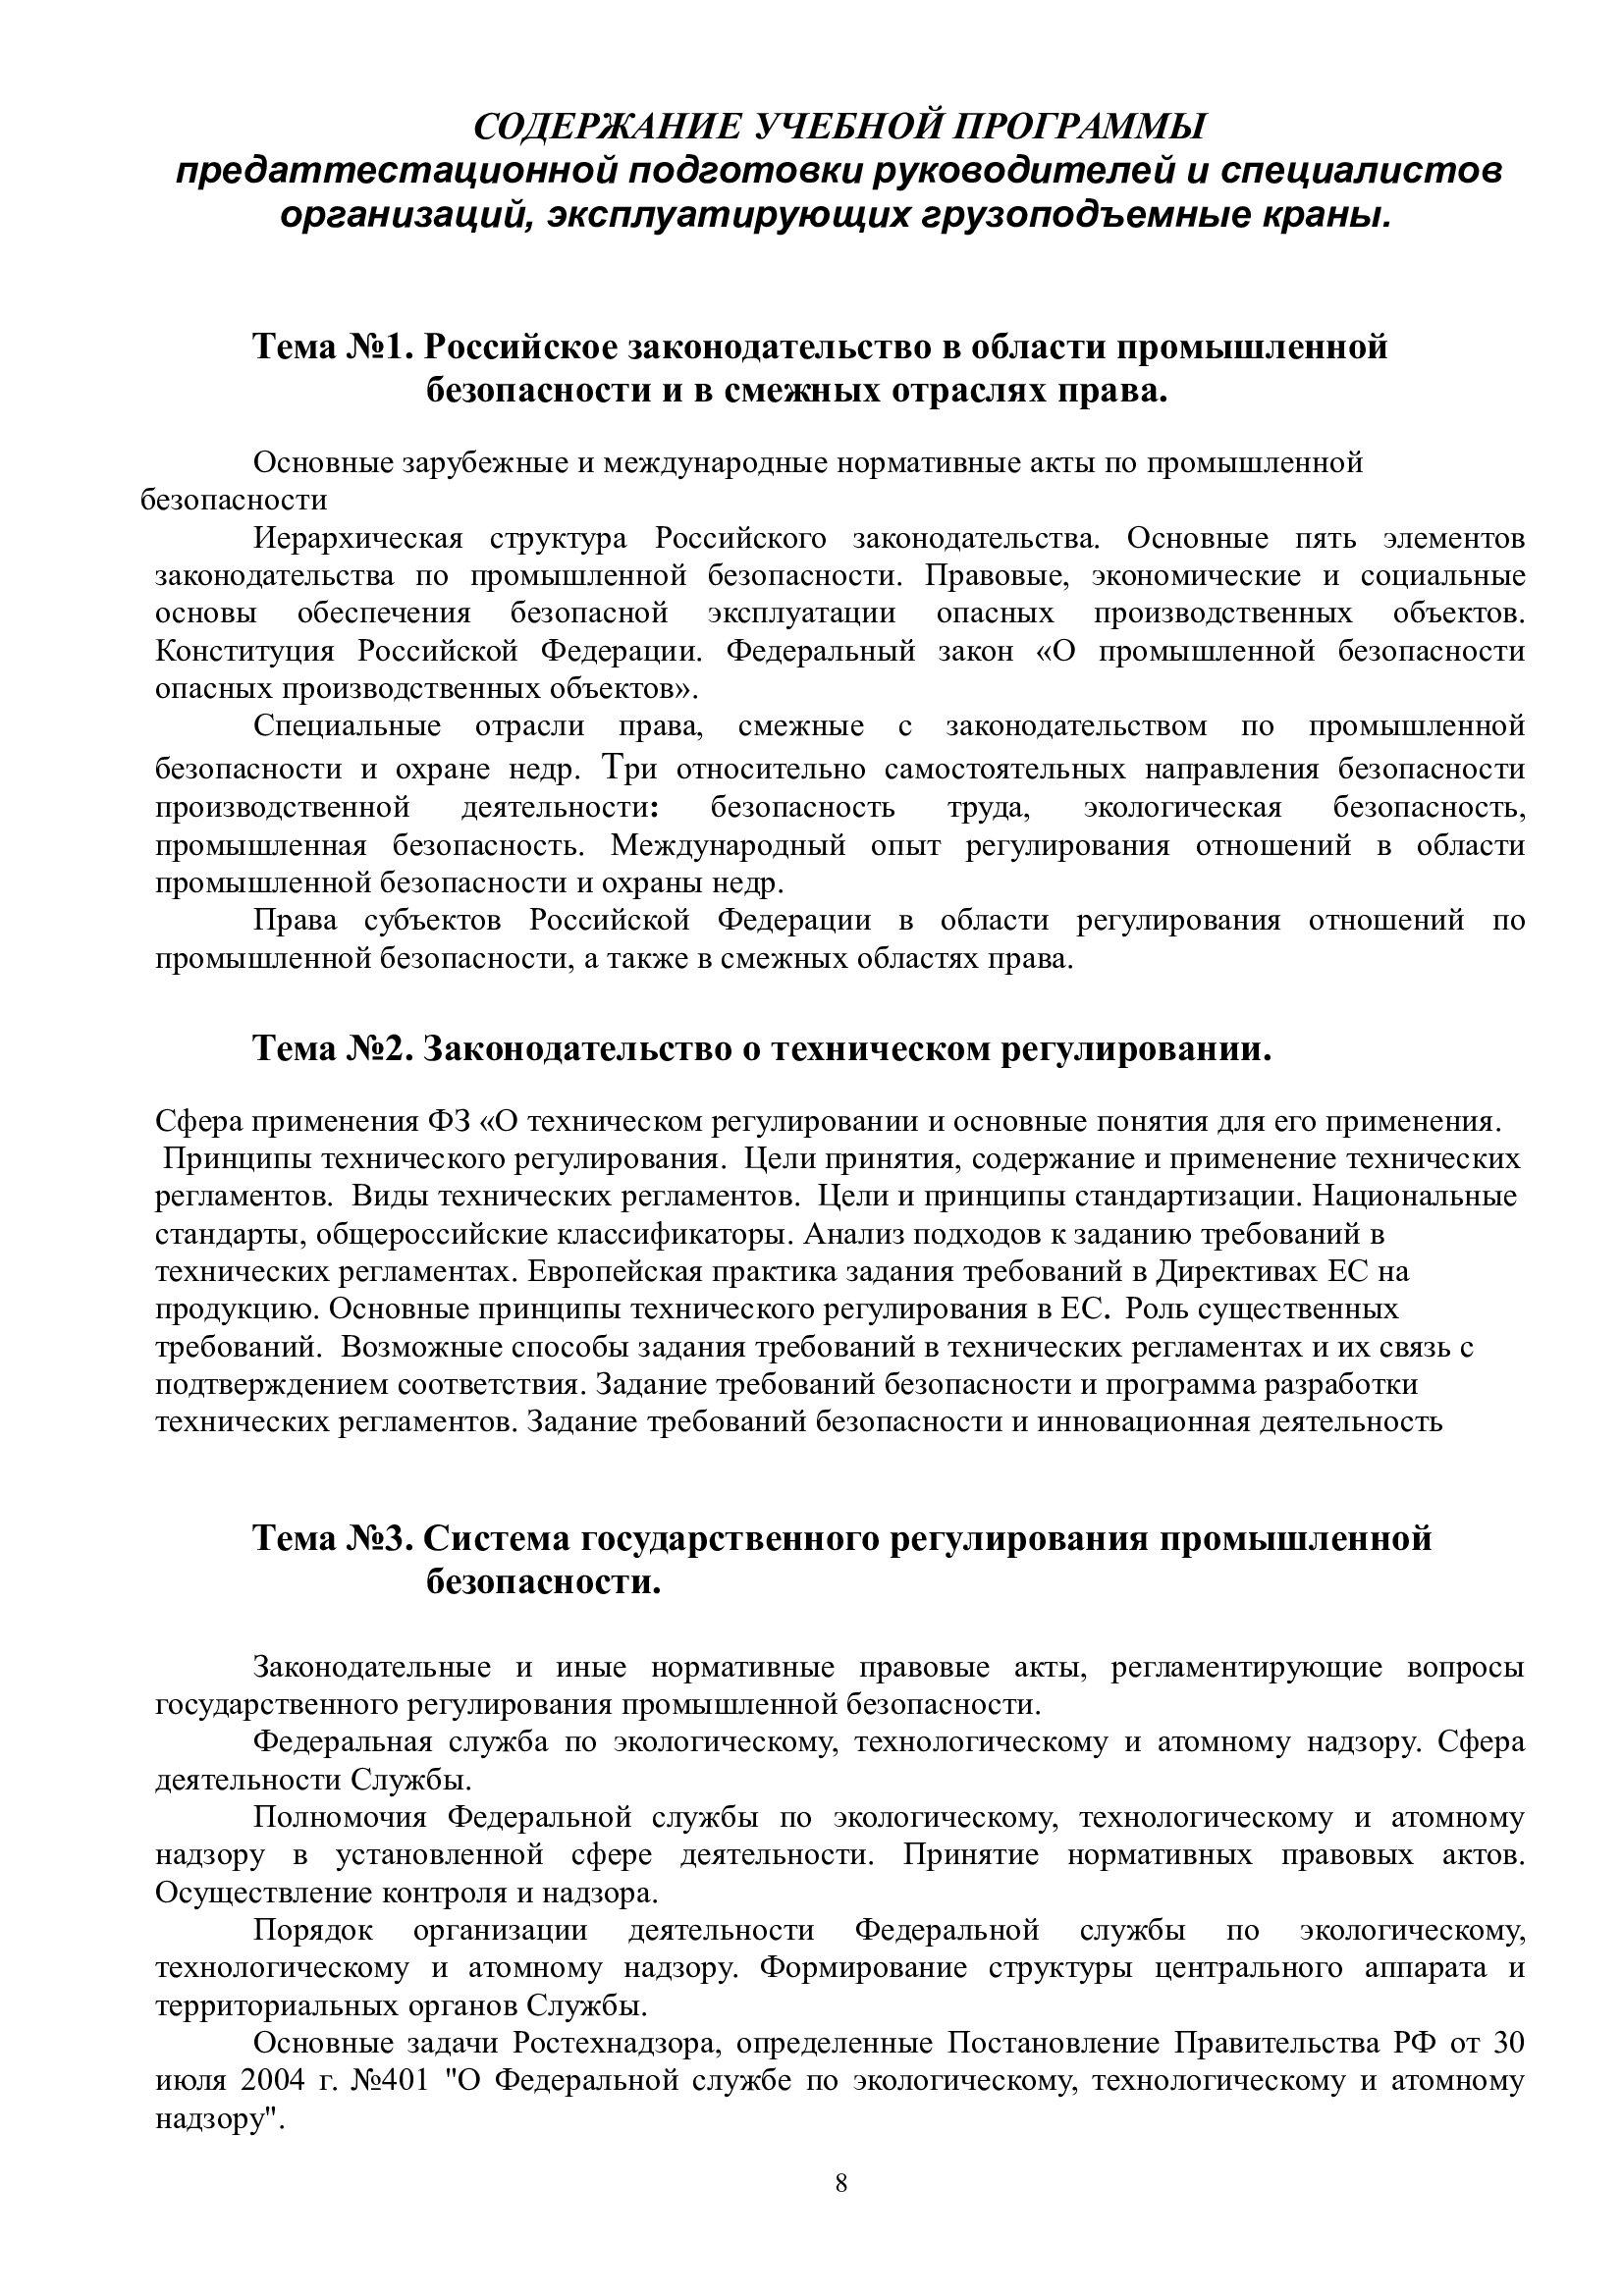 zakonodatelnye-i-inye-normativnye-pravovye-akty-reglamentiruyushhie-voprosy-gosudarstvennogo-regulirovaniya-promyshlennoj-bezopasnosti-2